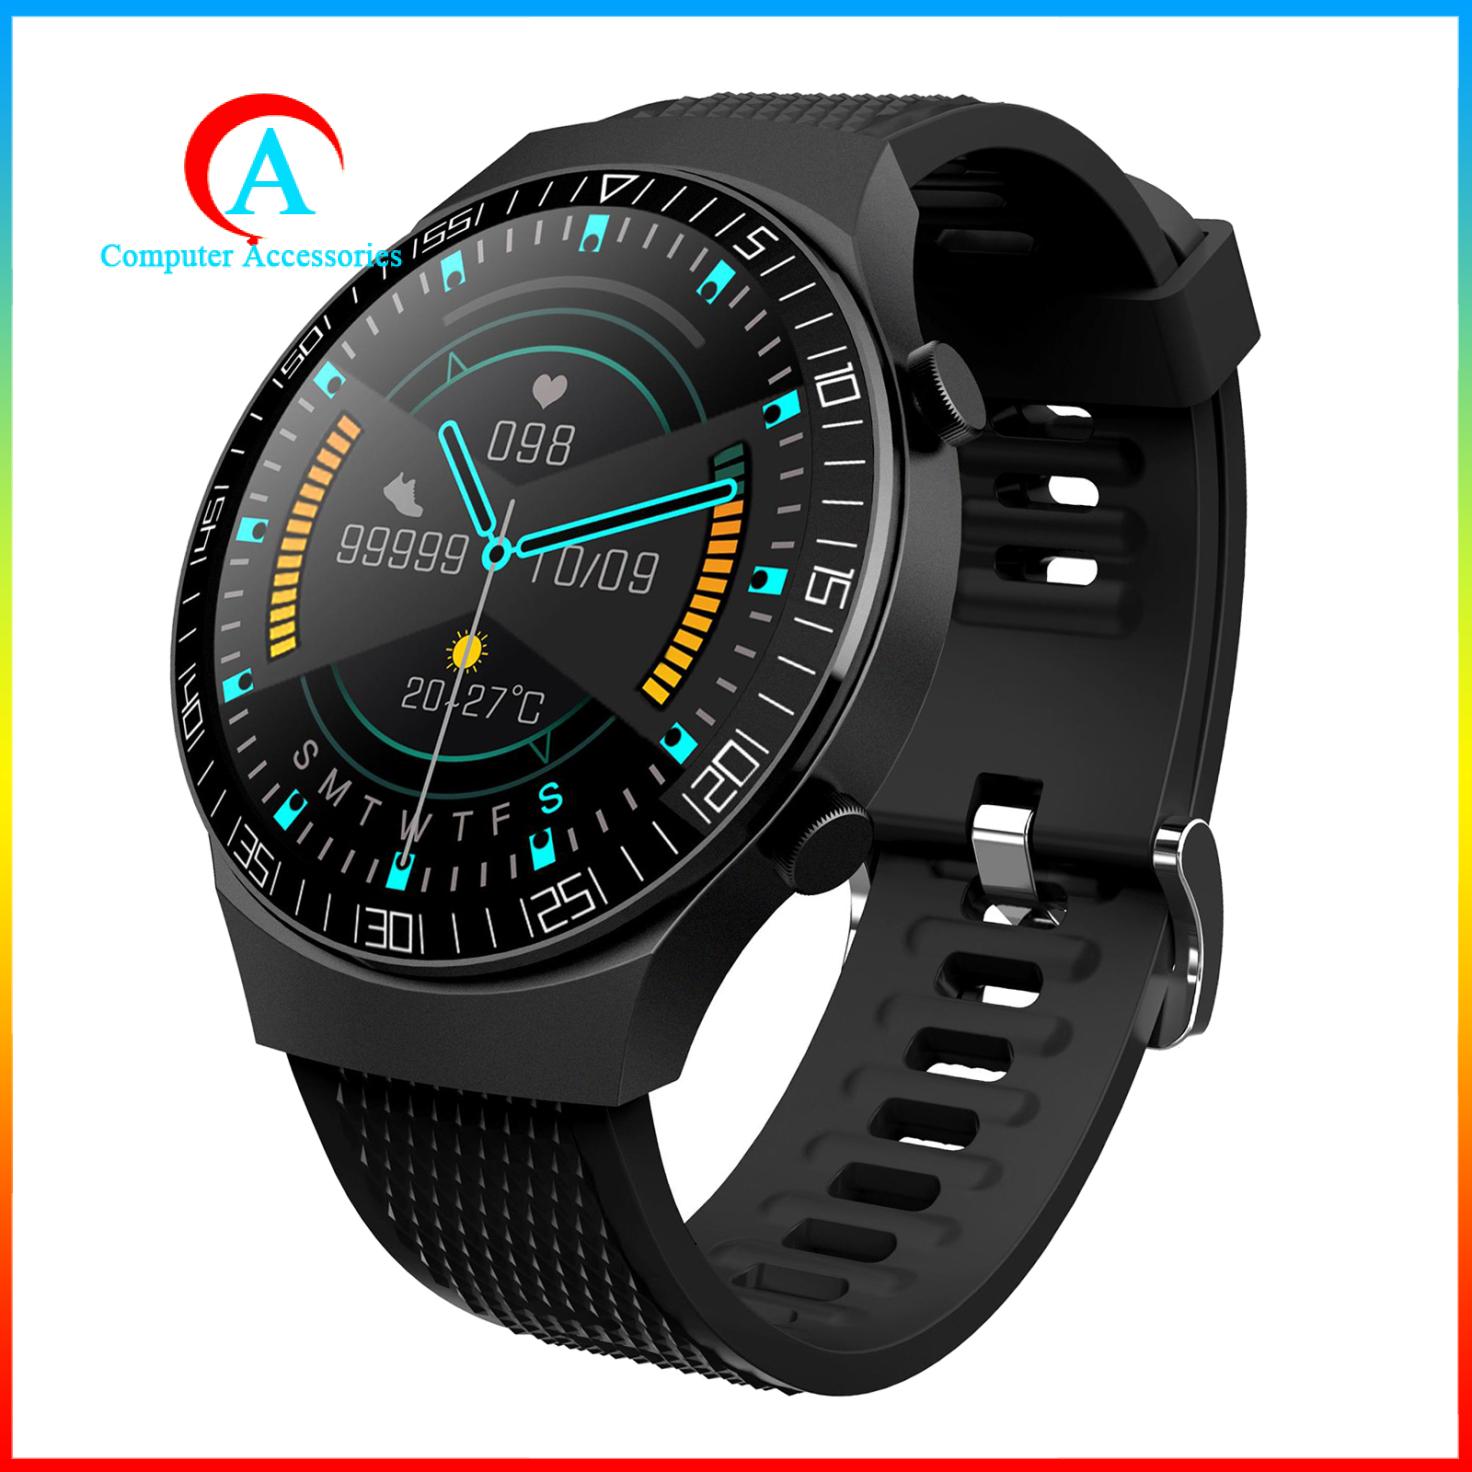 """ANDROID Đồng Hồ Thông Minh 1.28 """"Bluetooth 4.0 Chống Nước Kèm Phụ Kiện"""